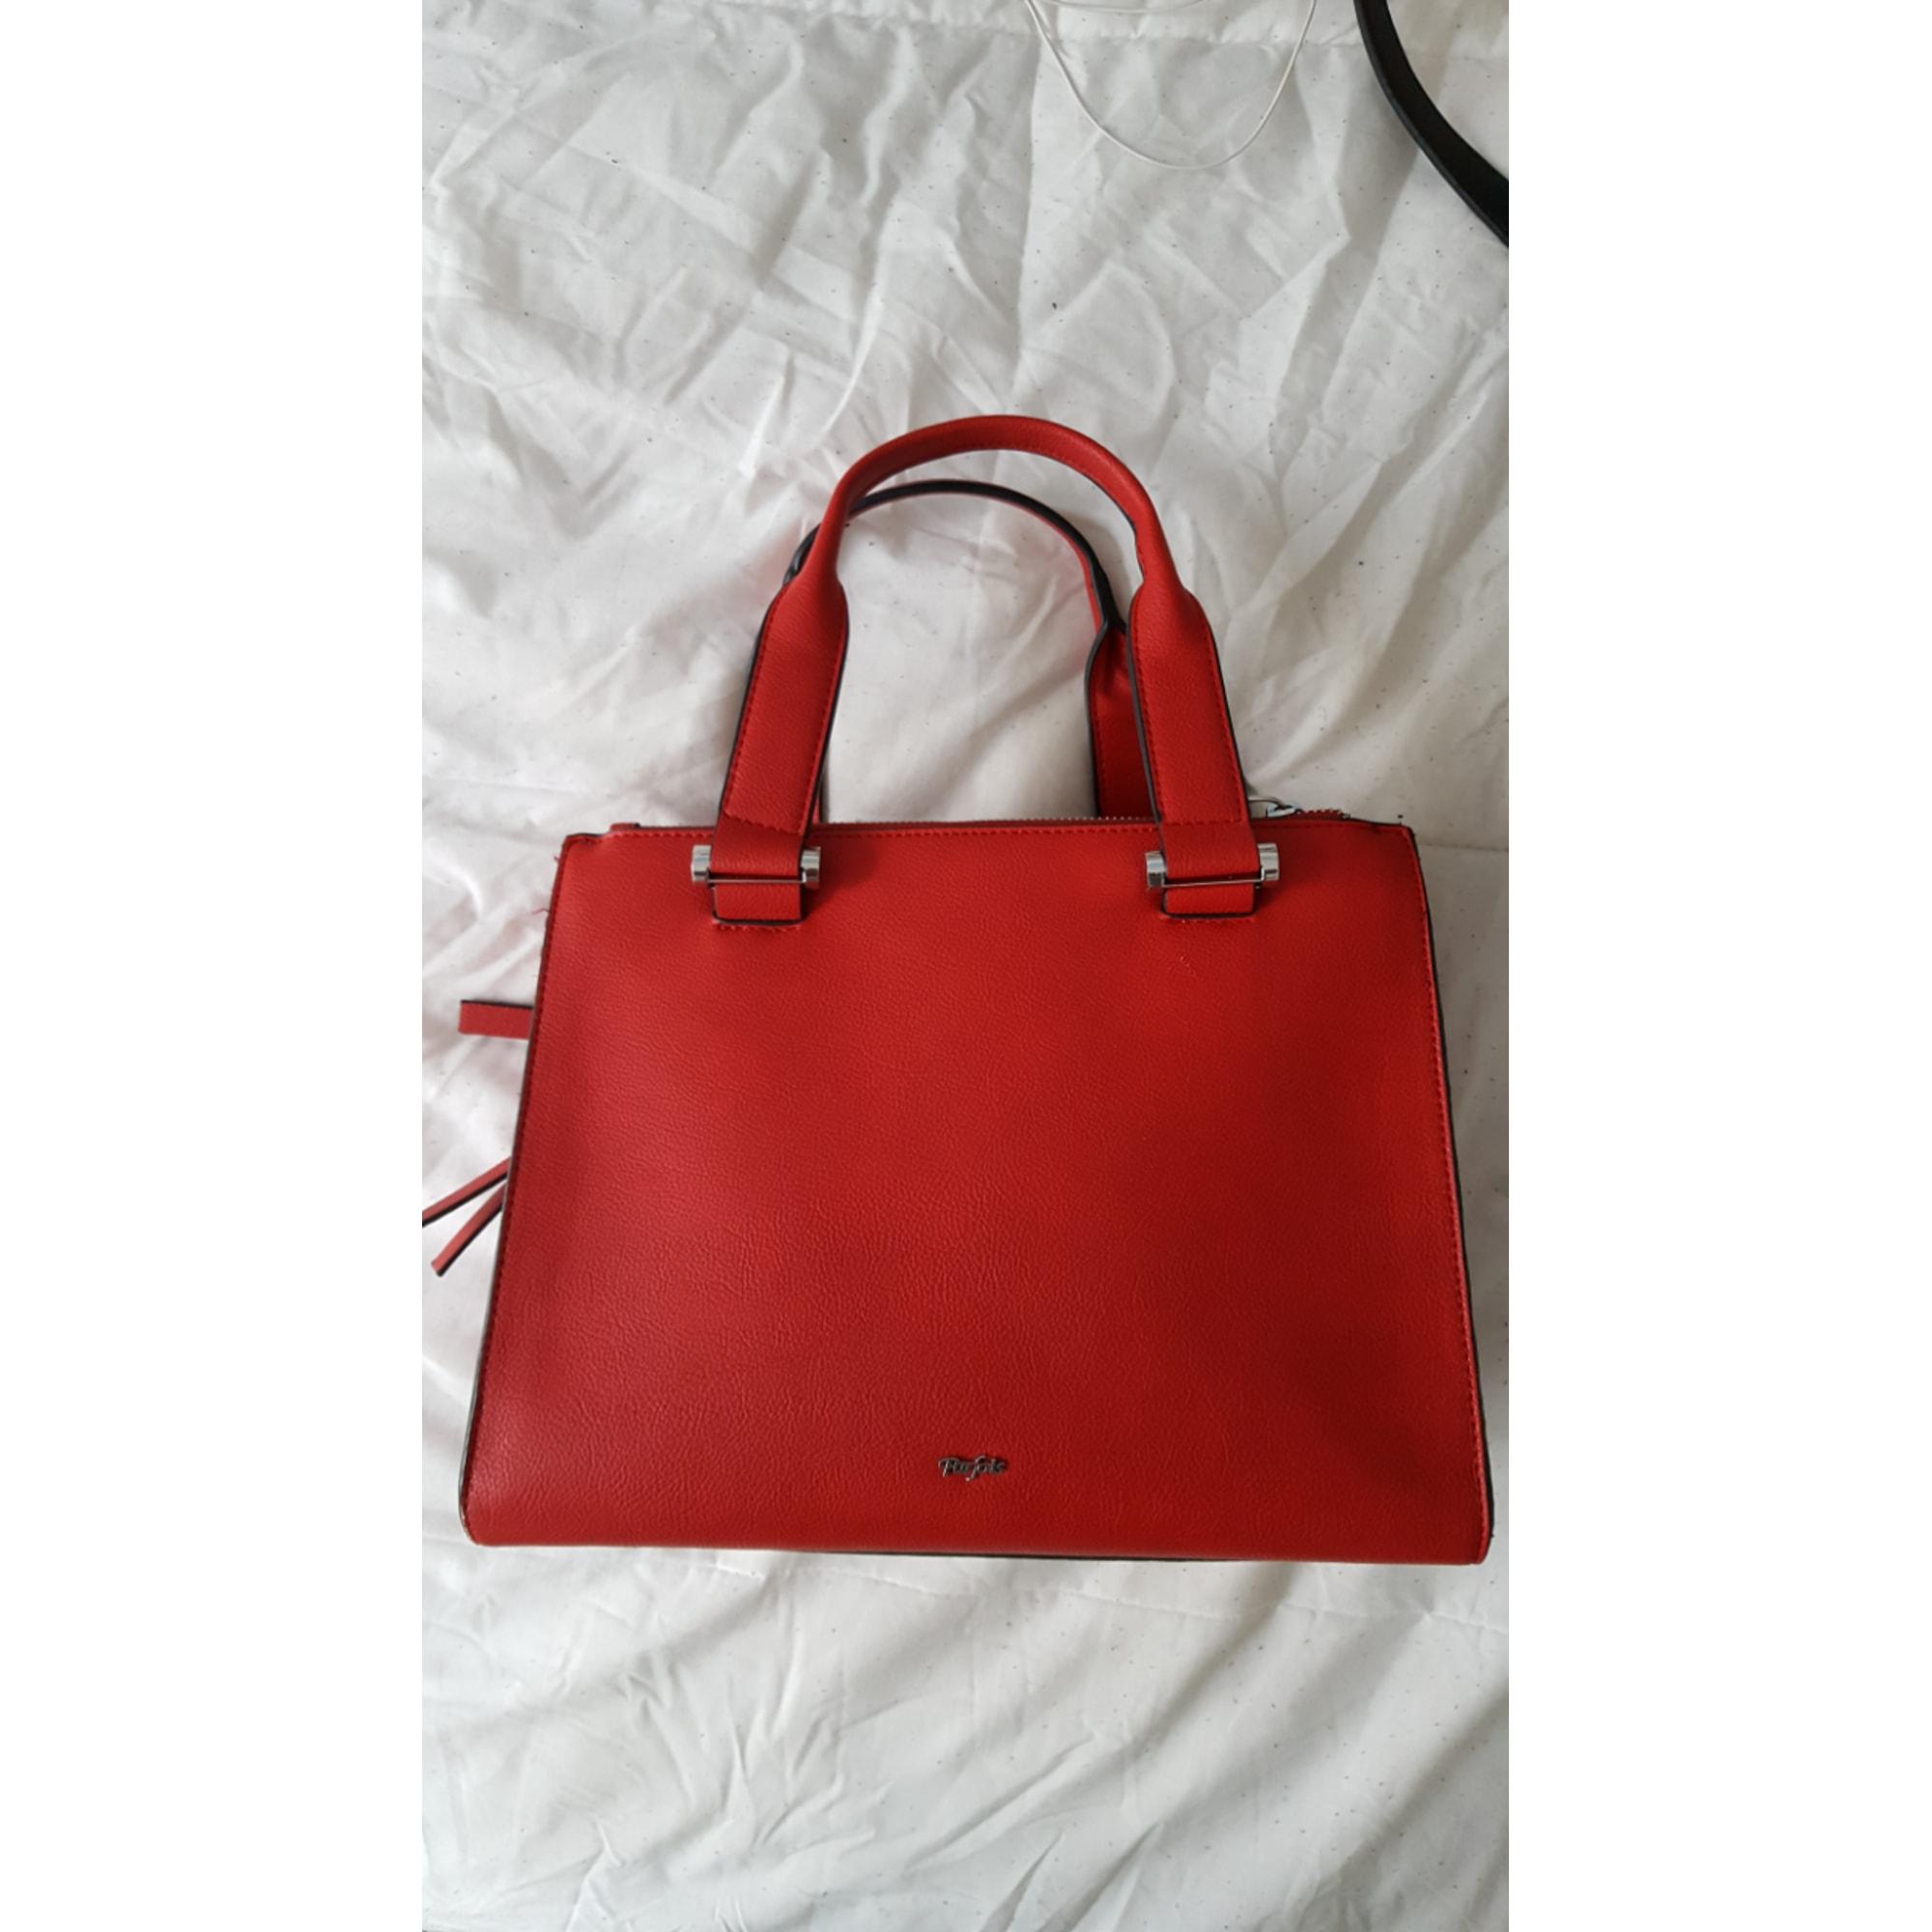 3dcfbfb22b Sac à main en cuir PARFOIS rouge vendu par Stéphanie t - 6706711